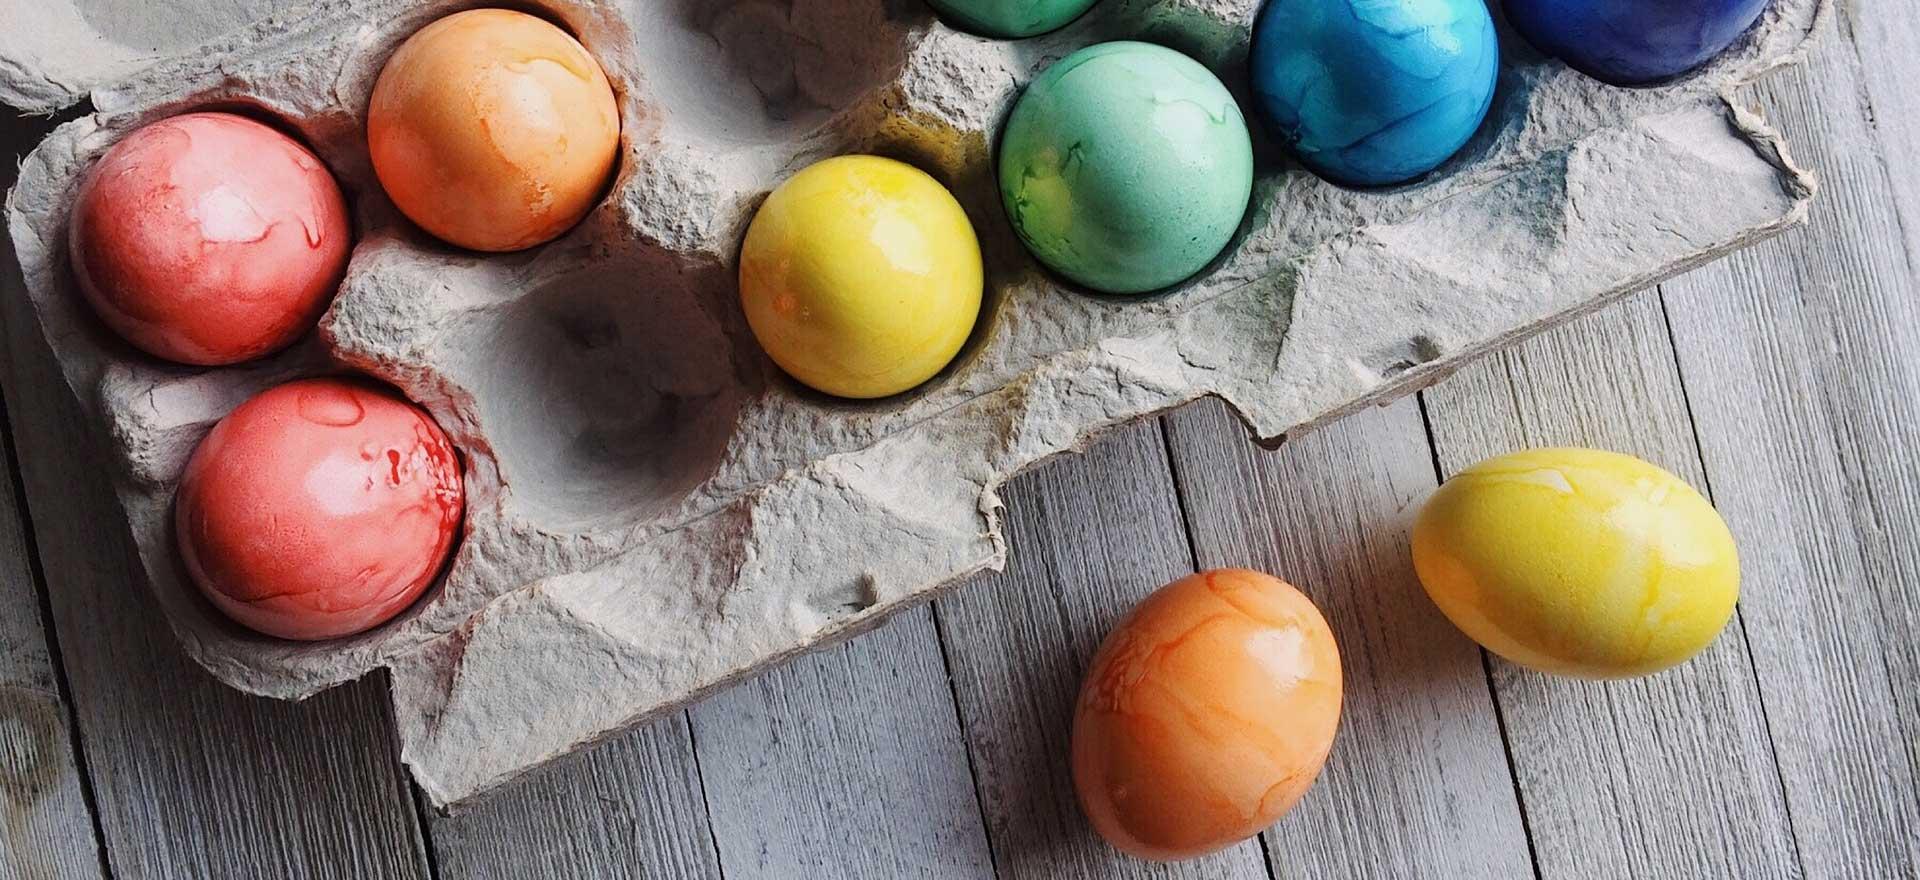 Waarom zijn gekookte, geverfde eieren uit de winkel zo lang houdbaar?